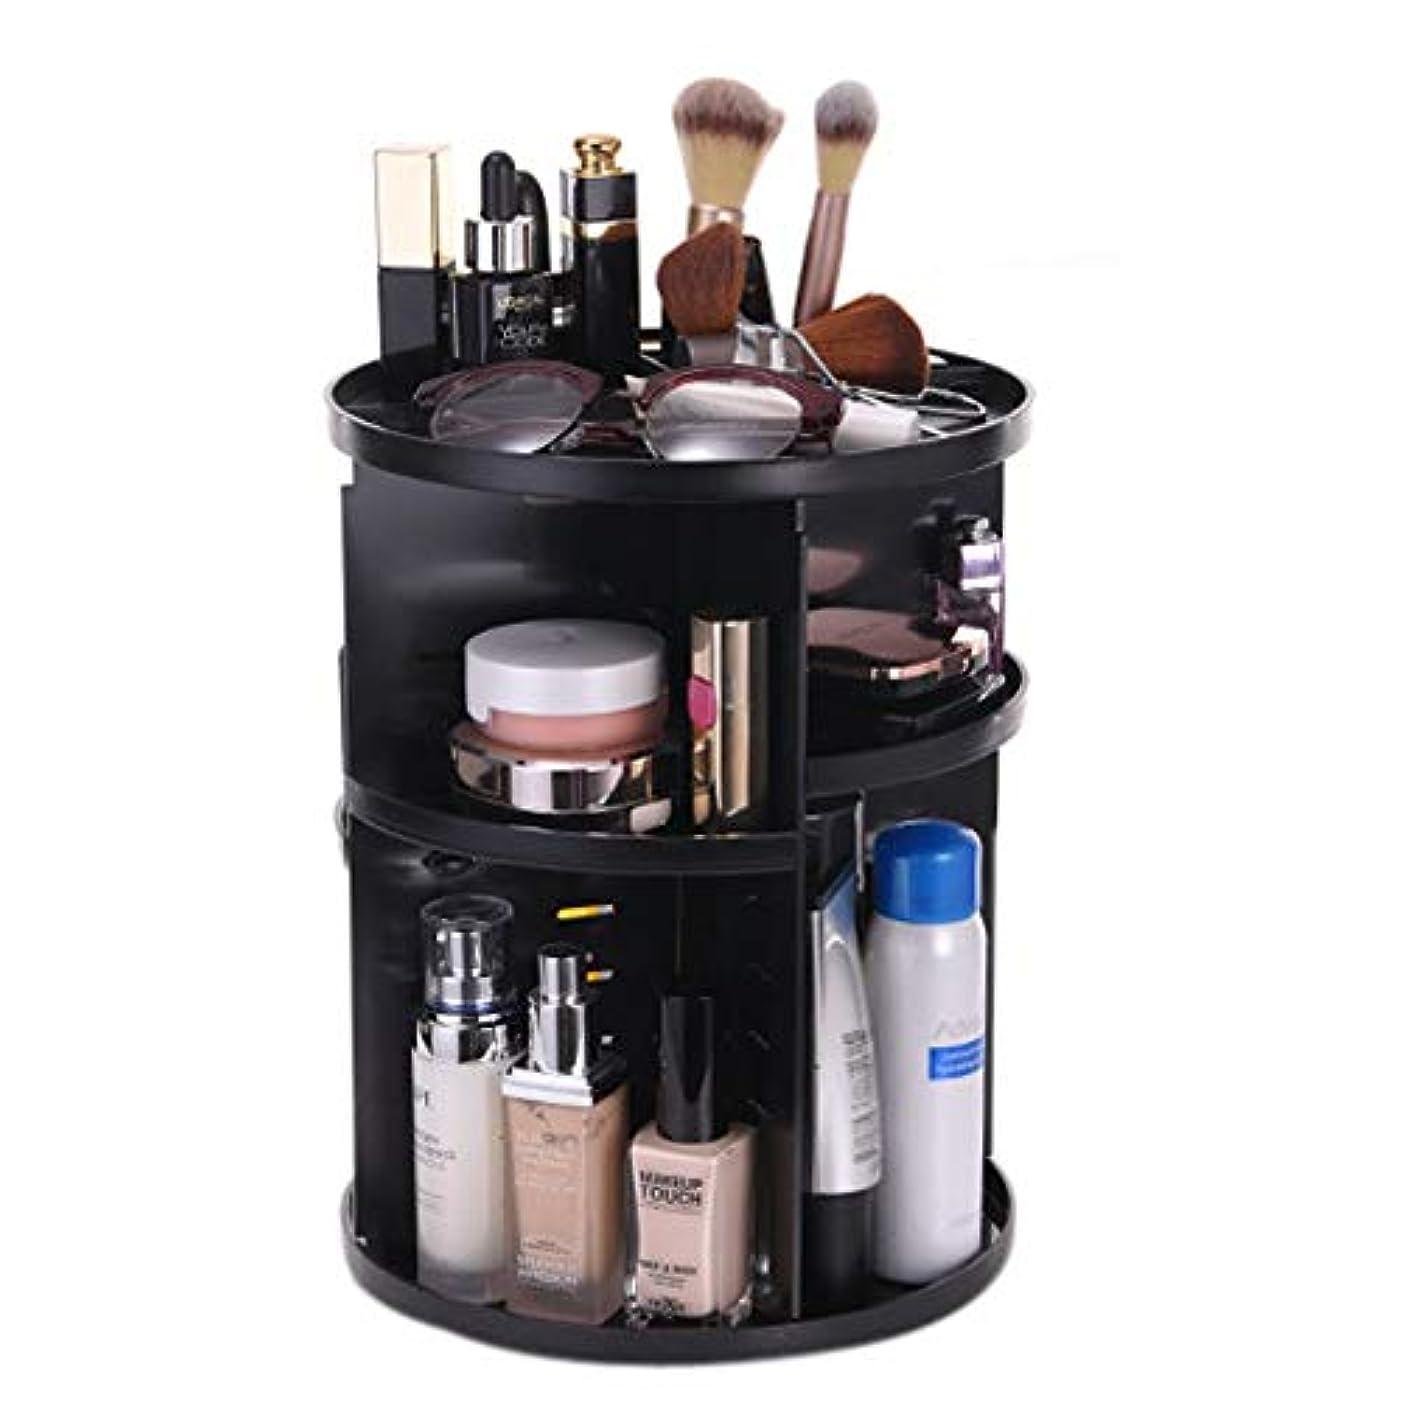 後ろ、背後、背面(部観察近代化するWinkong 化粧コスメ収納ボックス アブラック 化粧品収納 360度回転 調整可能 大容量 多機能 クリルケース メイクケース